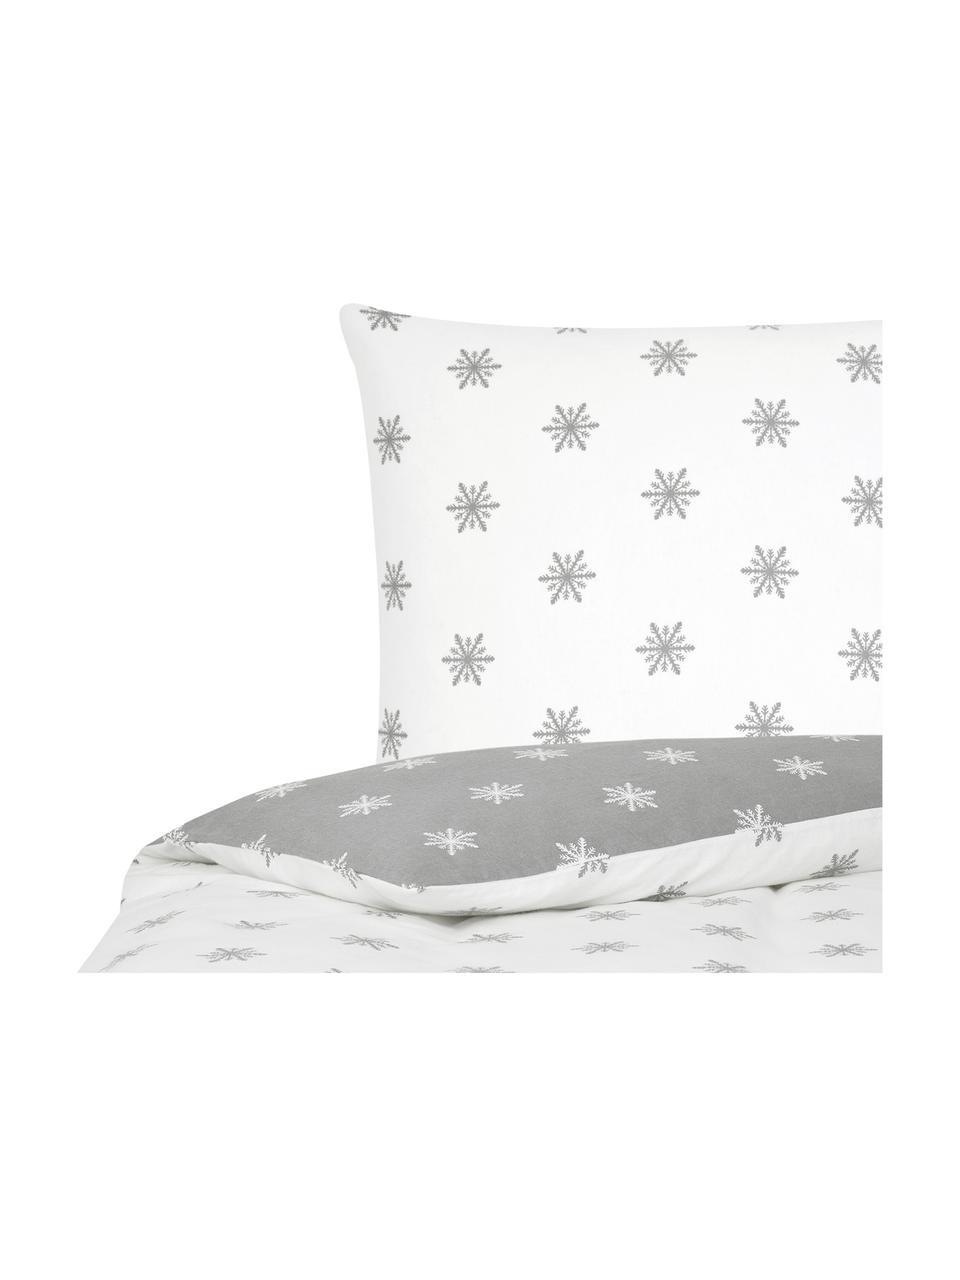 Flanell-Wendebettwäsche Alba mit Schneeflocken, Webart: Flanell Flanell ist ein k, Hellgrau, Weiß, 135 x 200 cm + 1 Kissen 80 x 80 cm